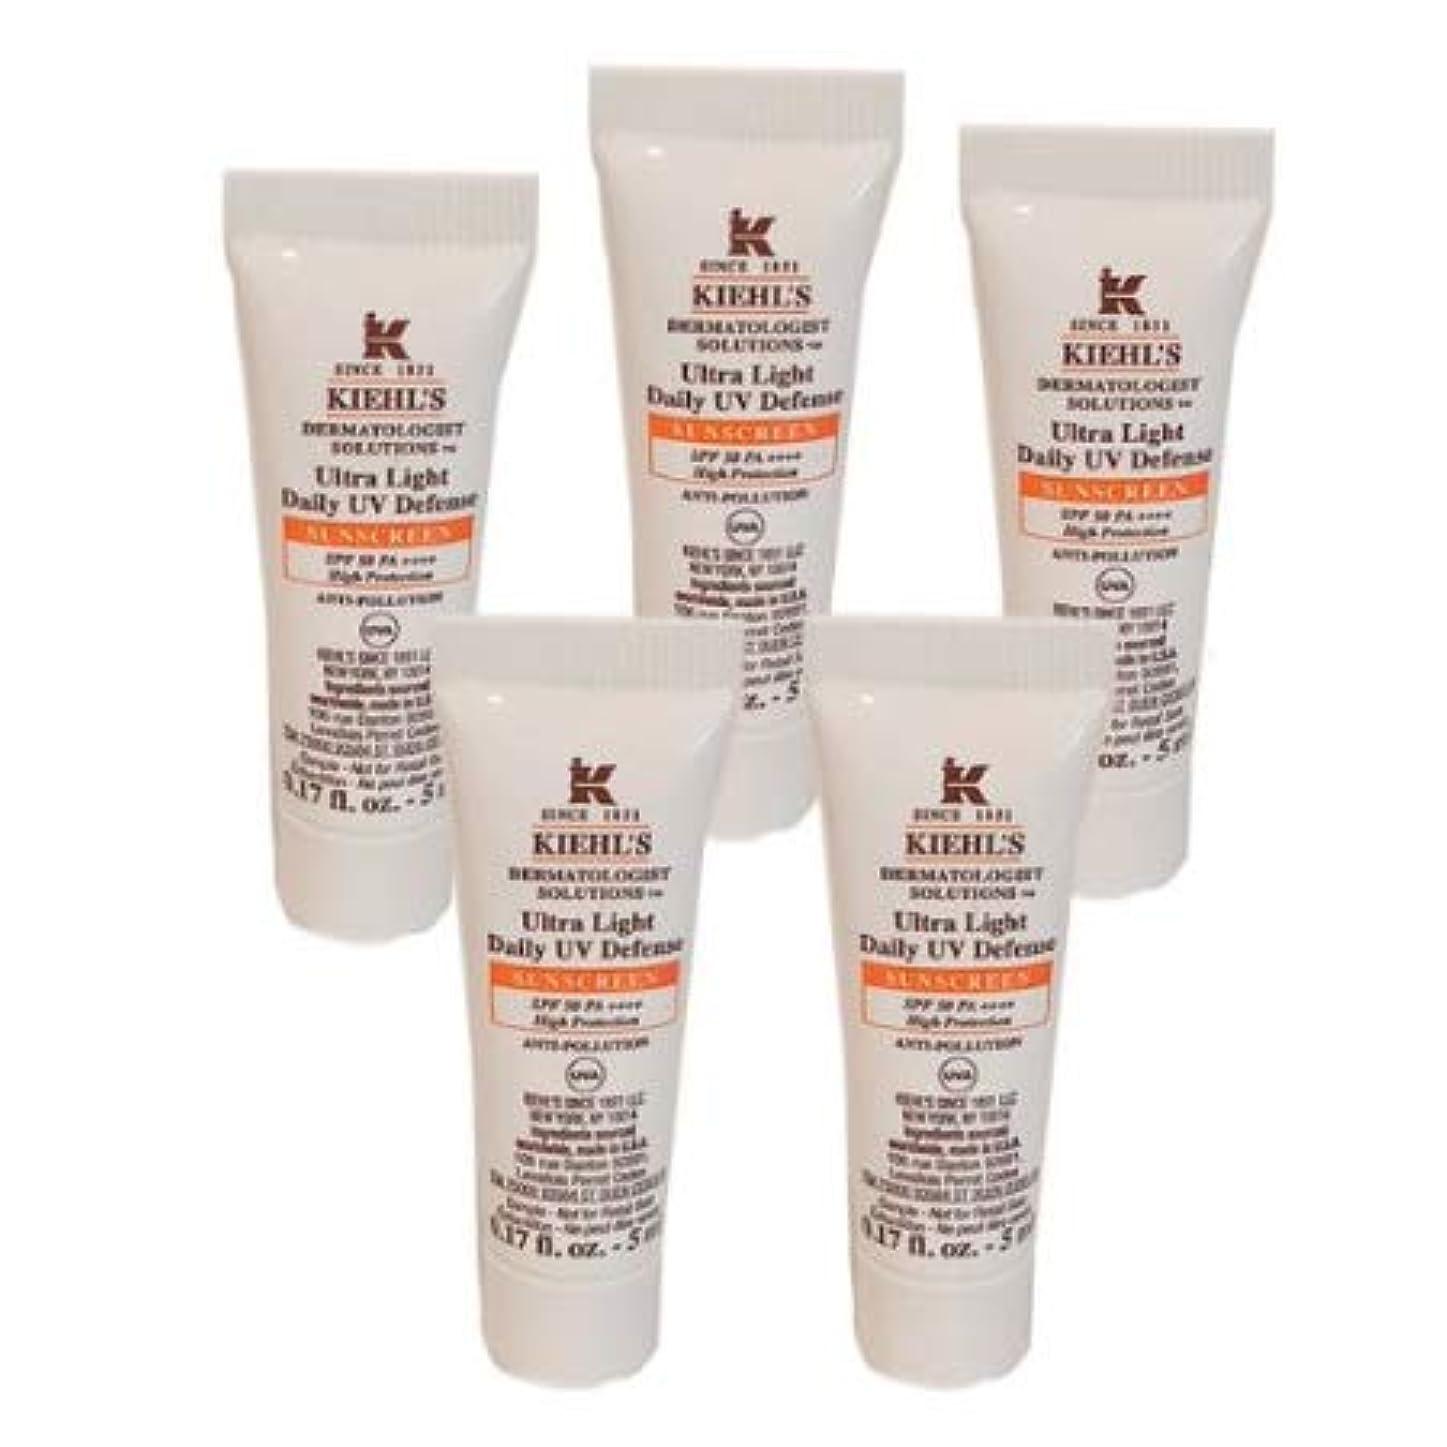 真面目な描く刑務所Kiehl's(キールズ) キールズ UVディフェンス (5ml x 5個) / KIEHL'S Ultra Light Daily UV Defense Sunscreen SPF 50 PA++++